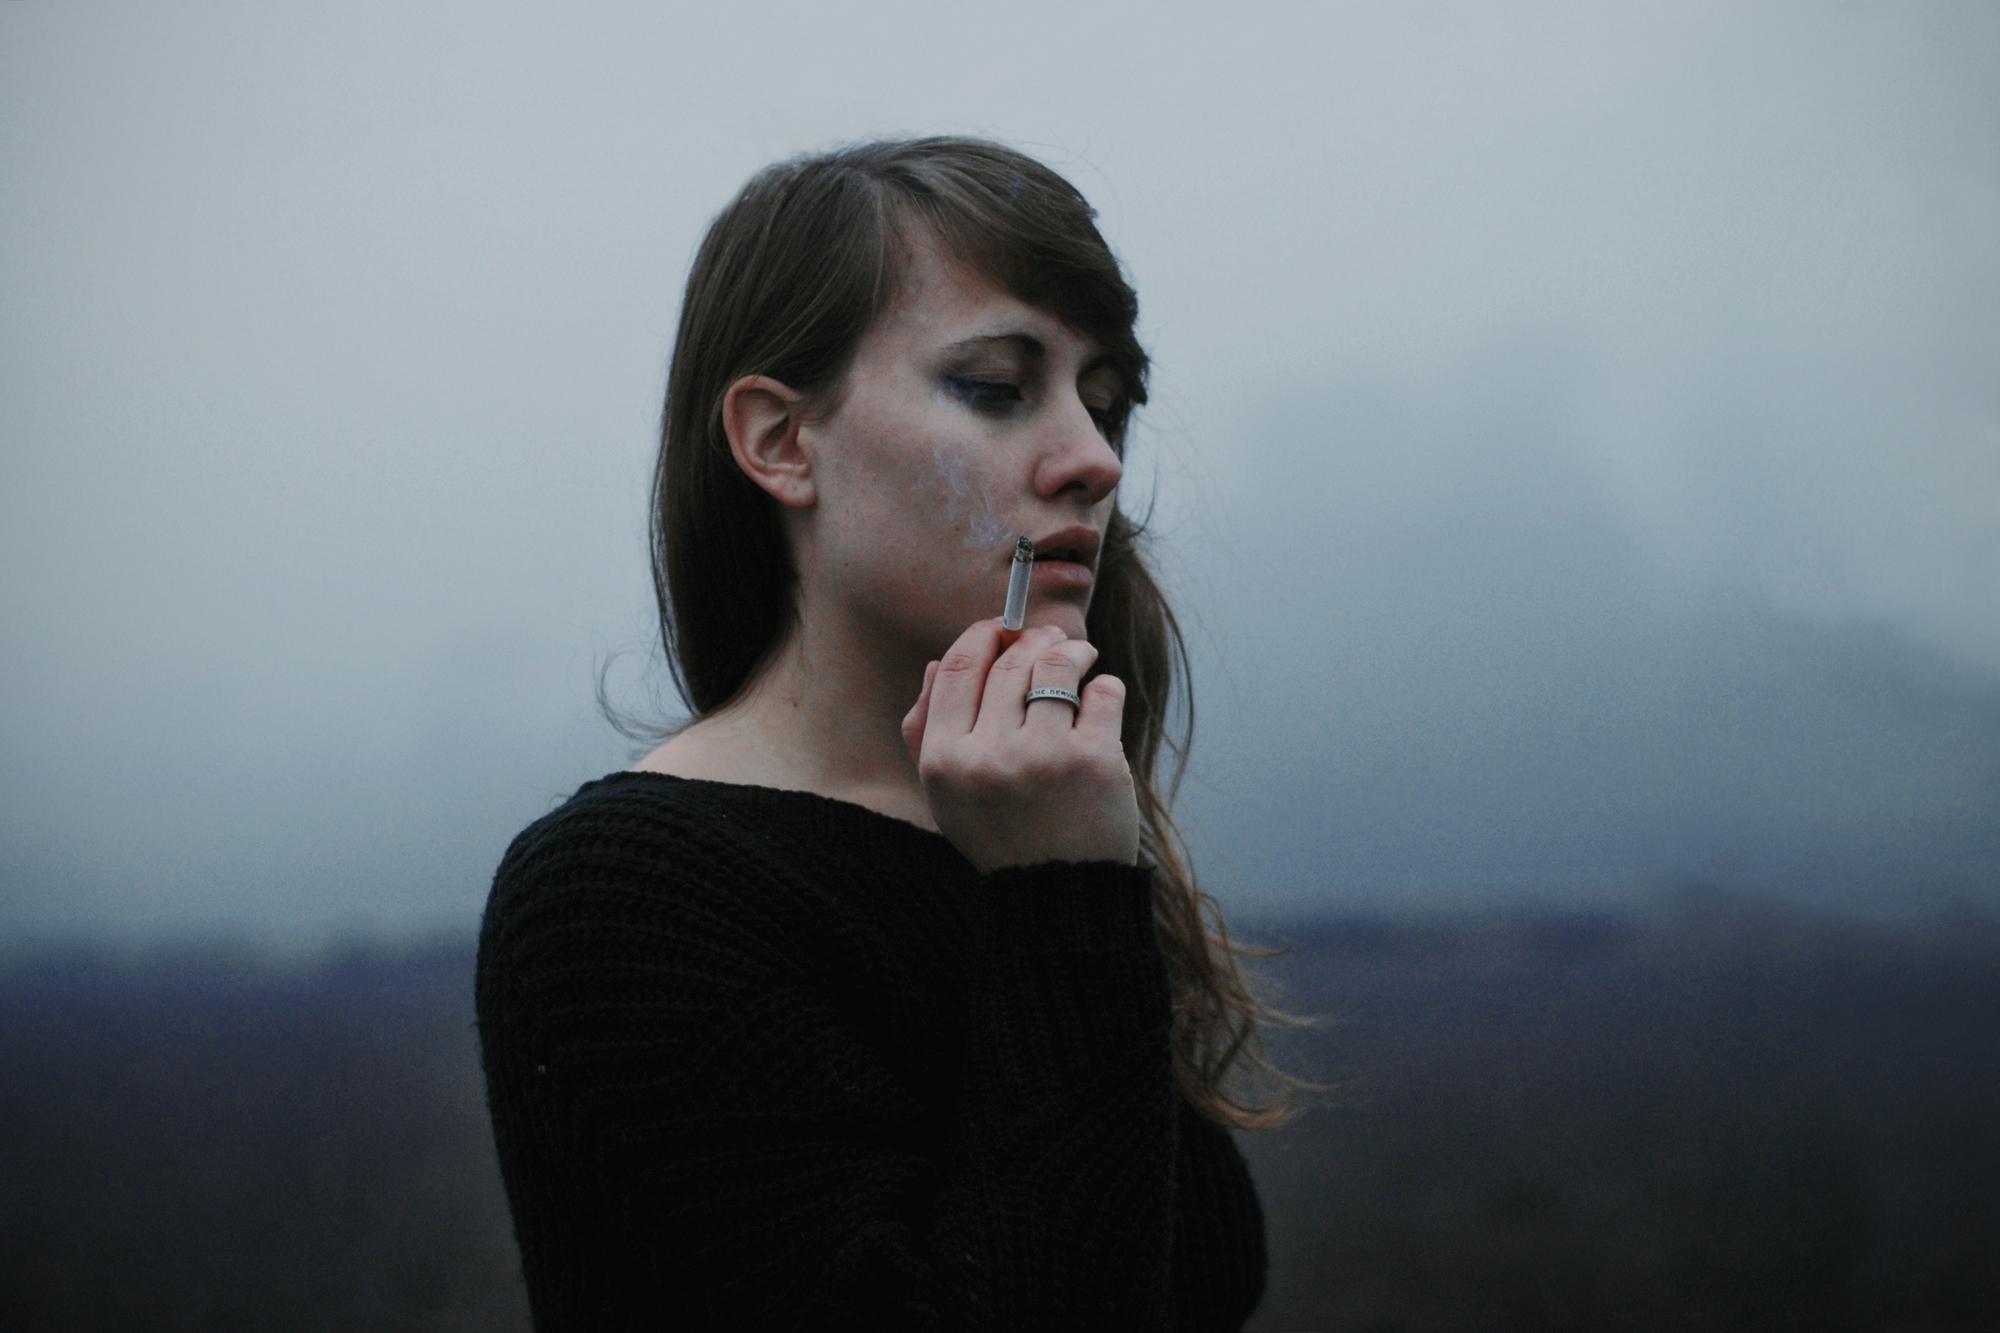 kouř a kouřenídospívající dívka sexuální otrok